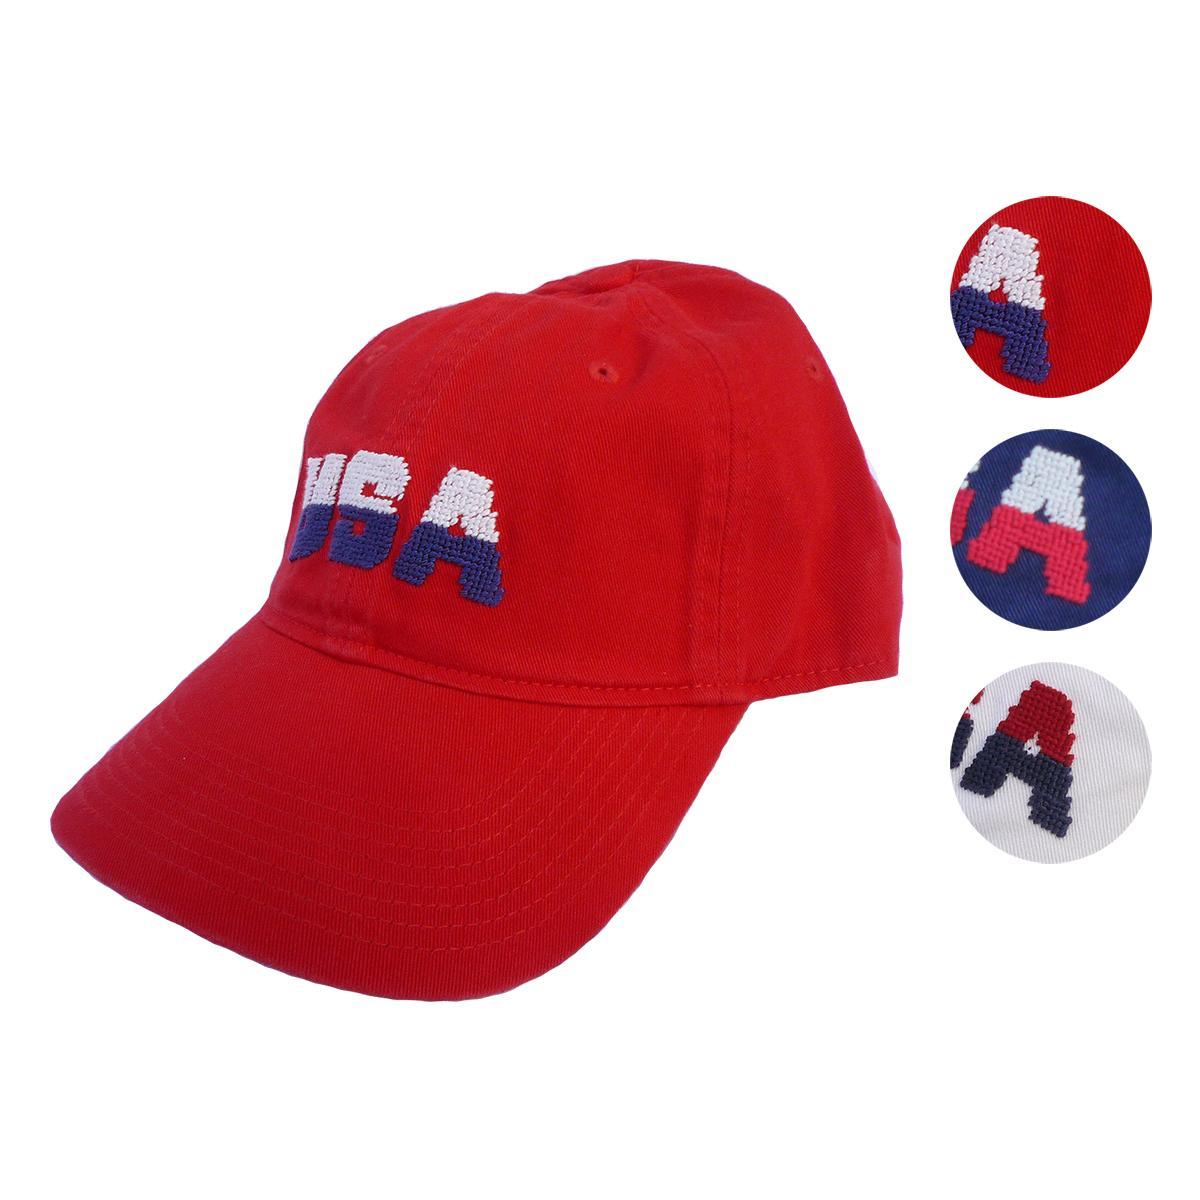 画像1: Smathers&Branson スマザーズ&ブランソン USA CAP 全3色 メンズ/レディース (1)